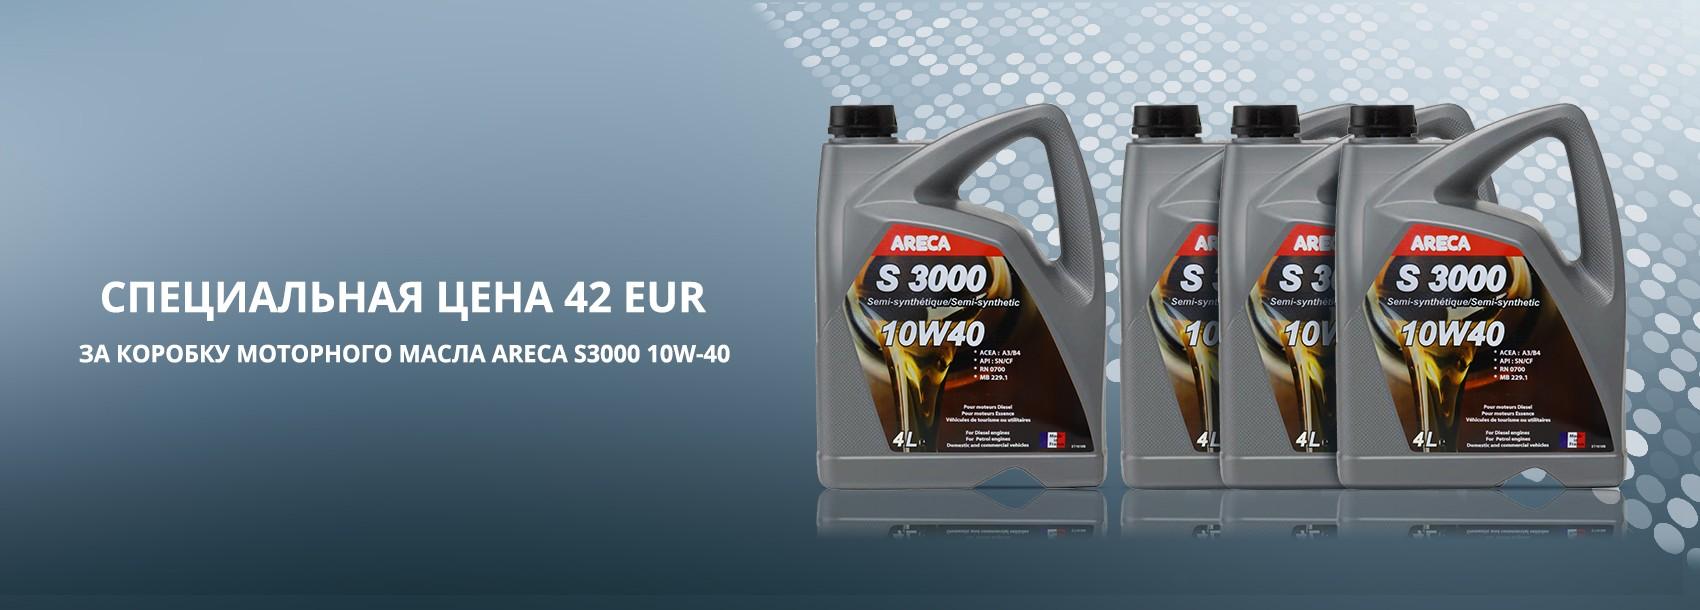 Специальная цена от 4-х штук на Areca S3000